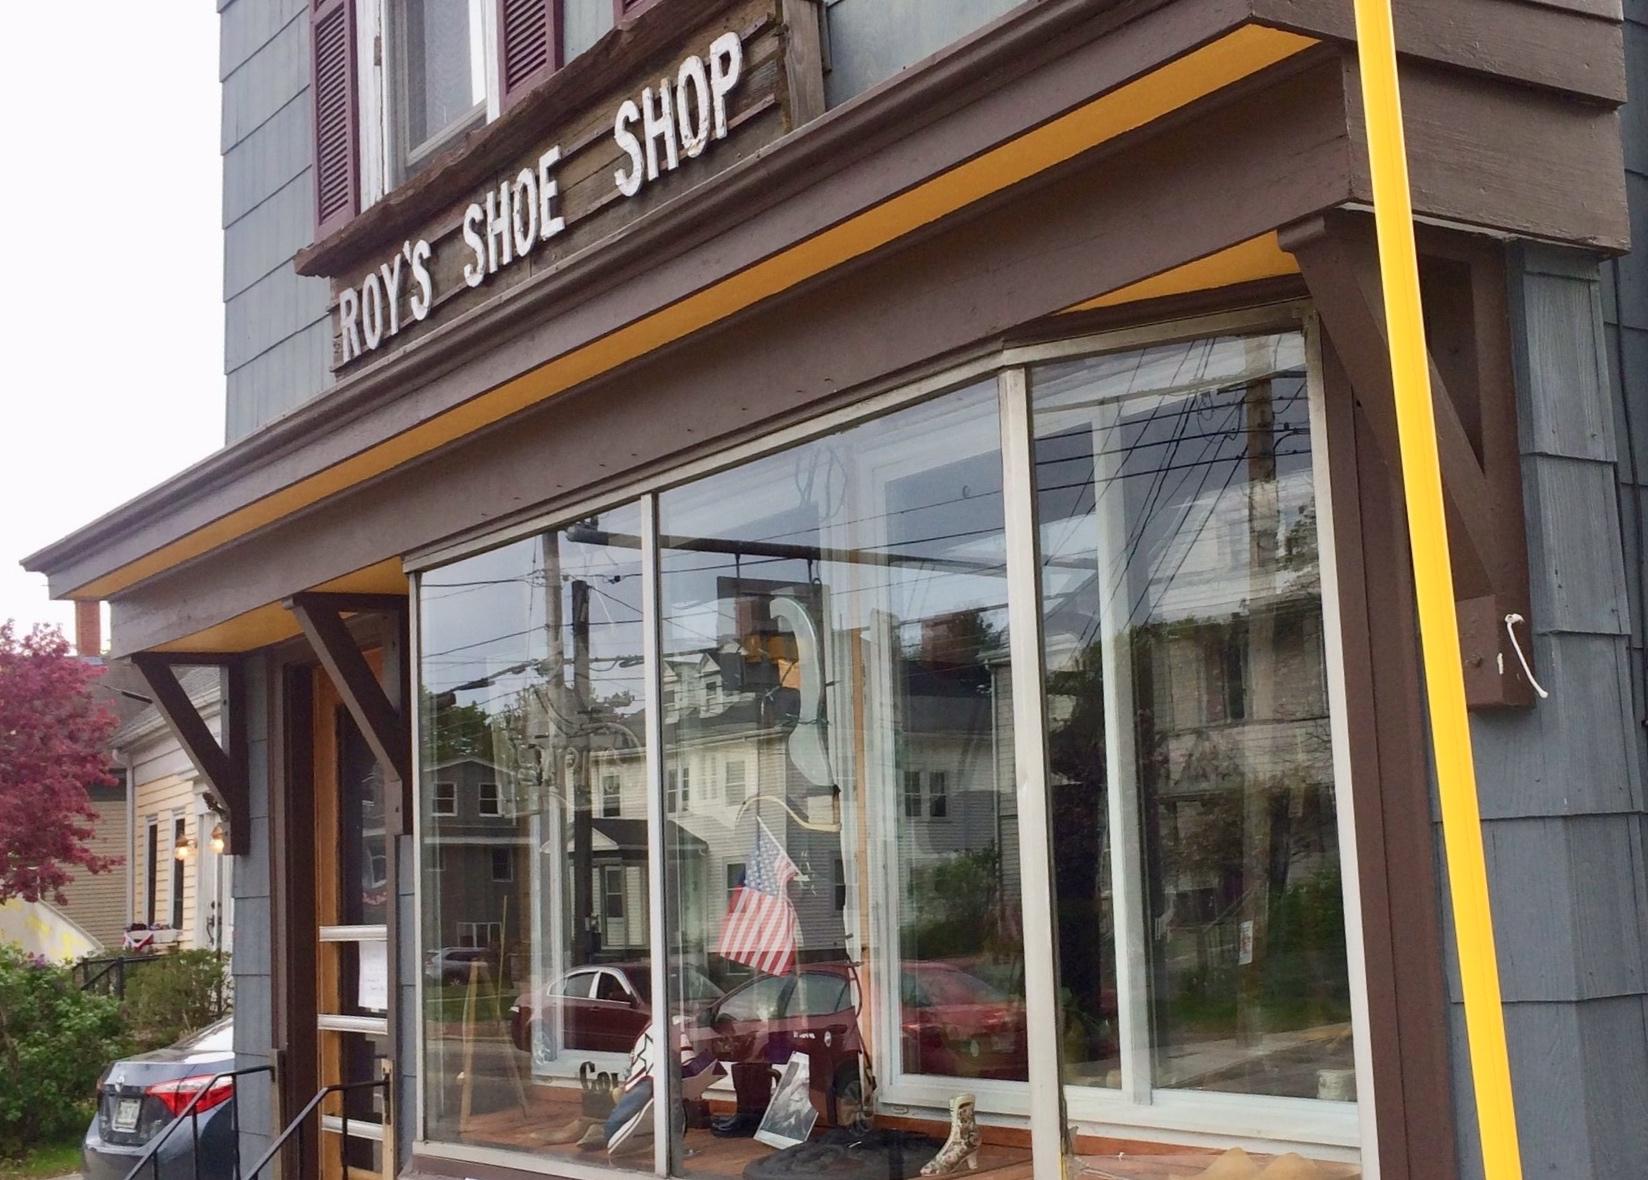 Roy's Shoe Shop -